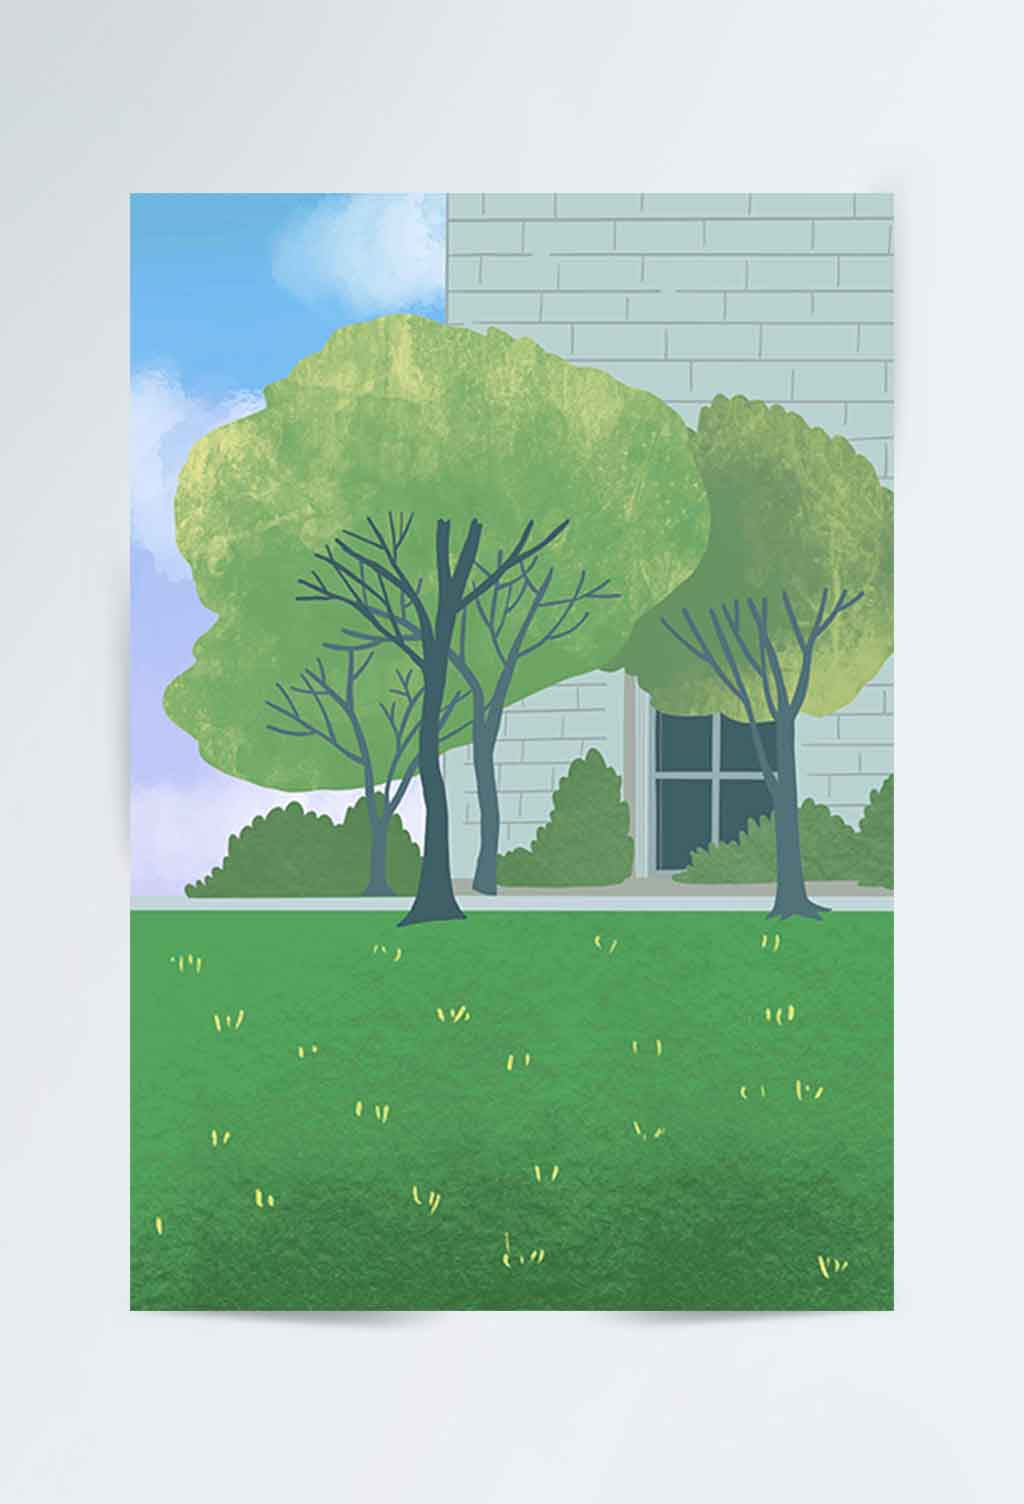 手绘校园风景背景素材